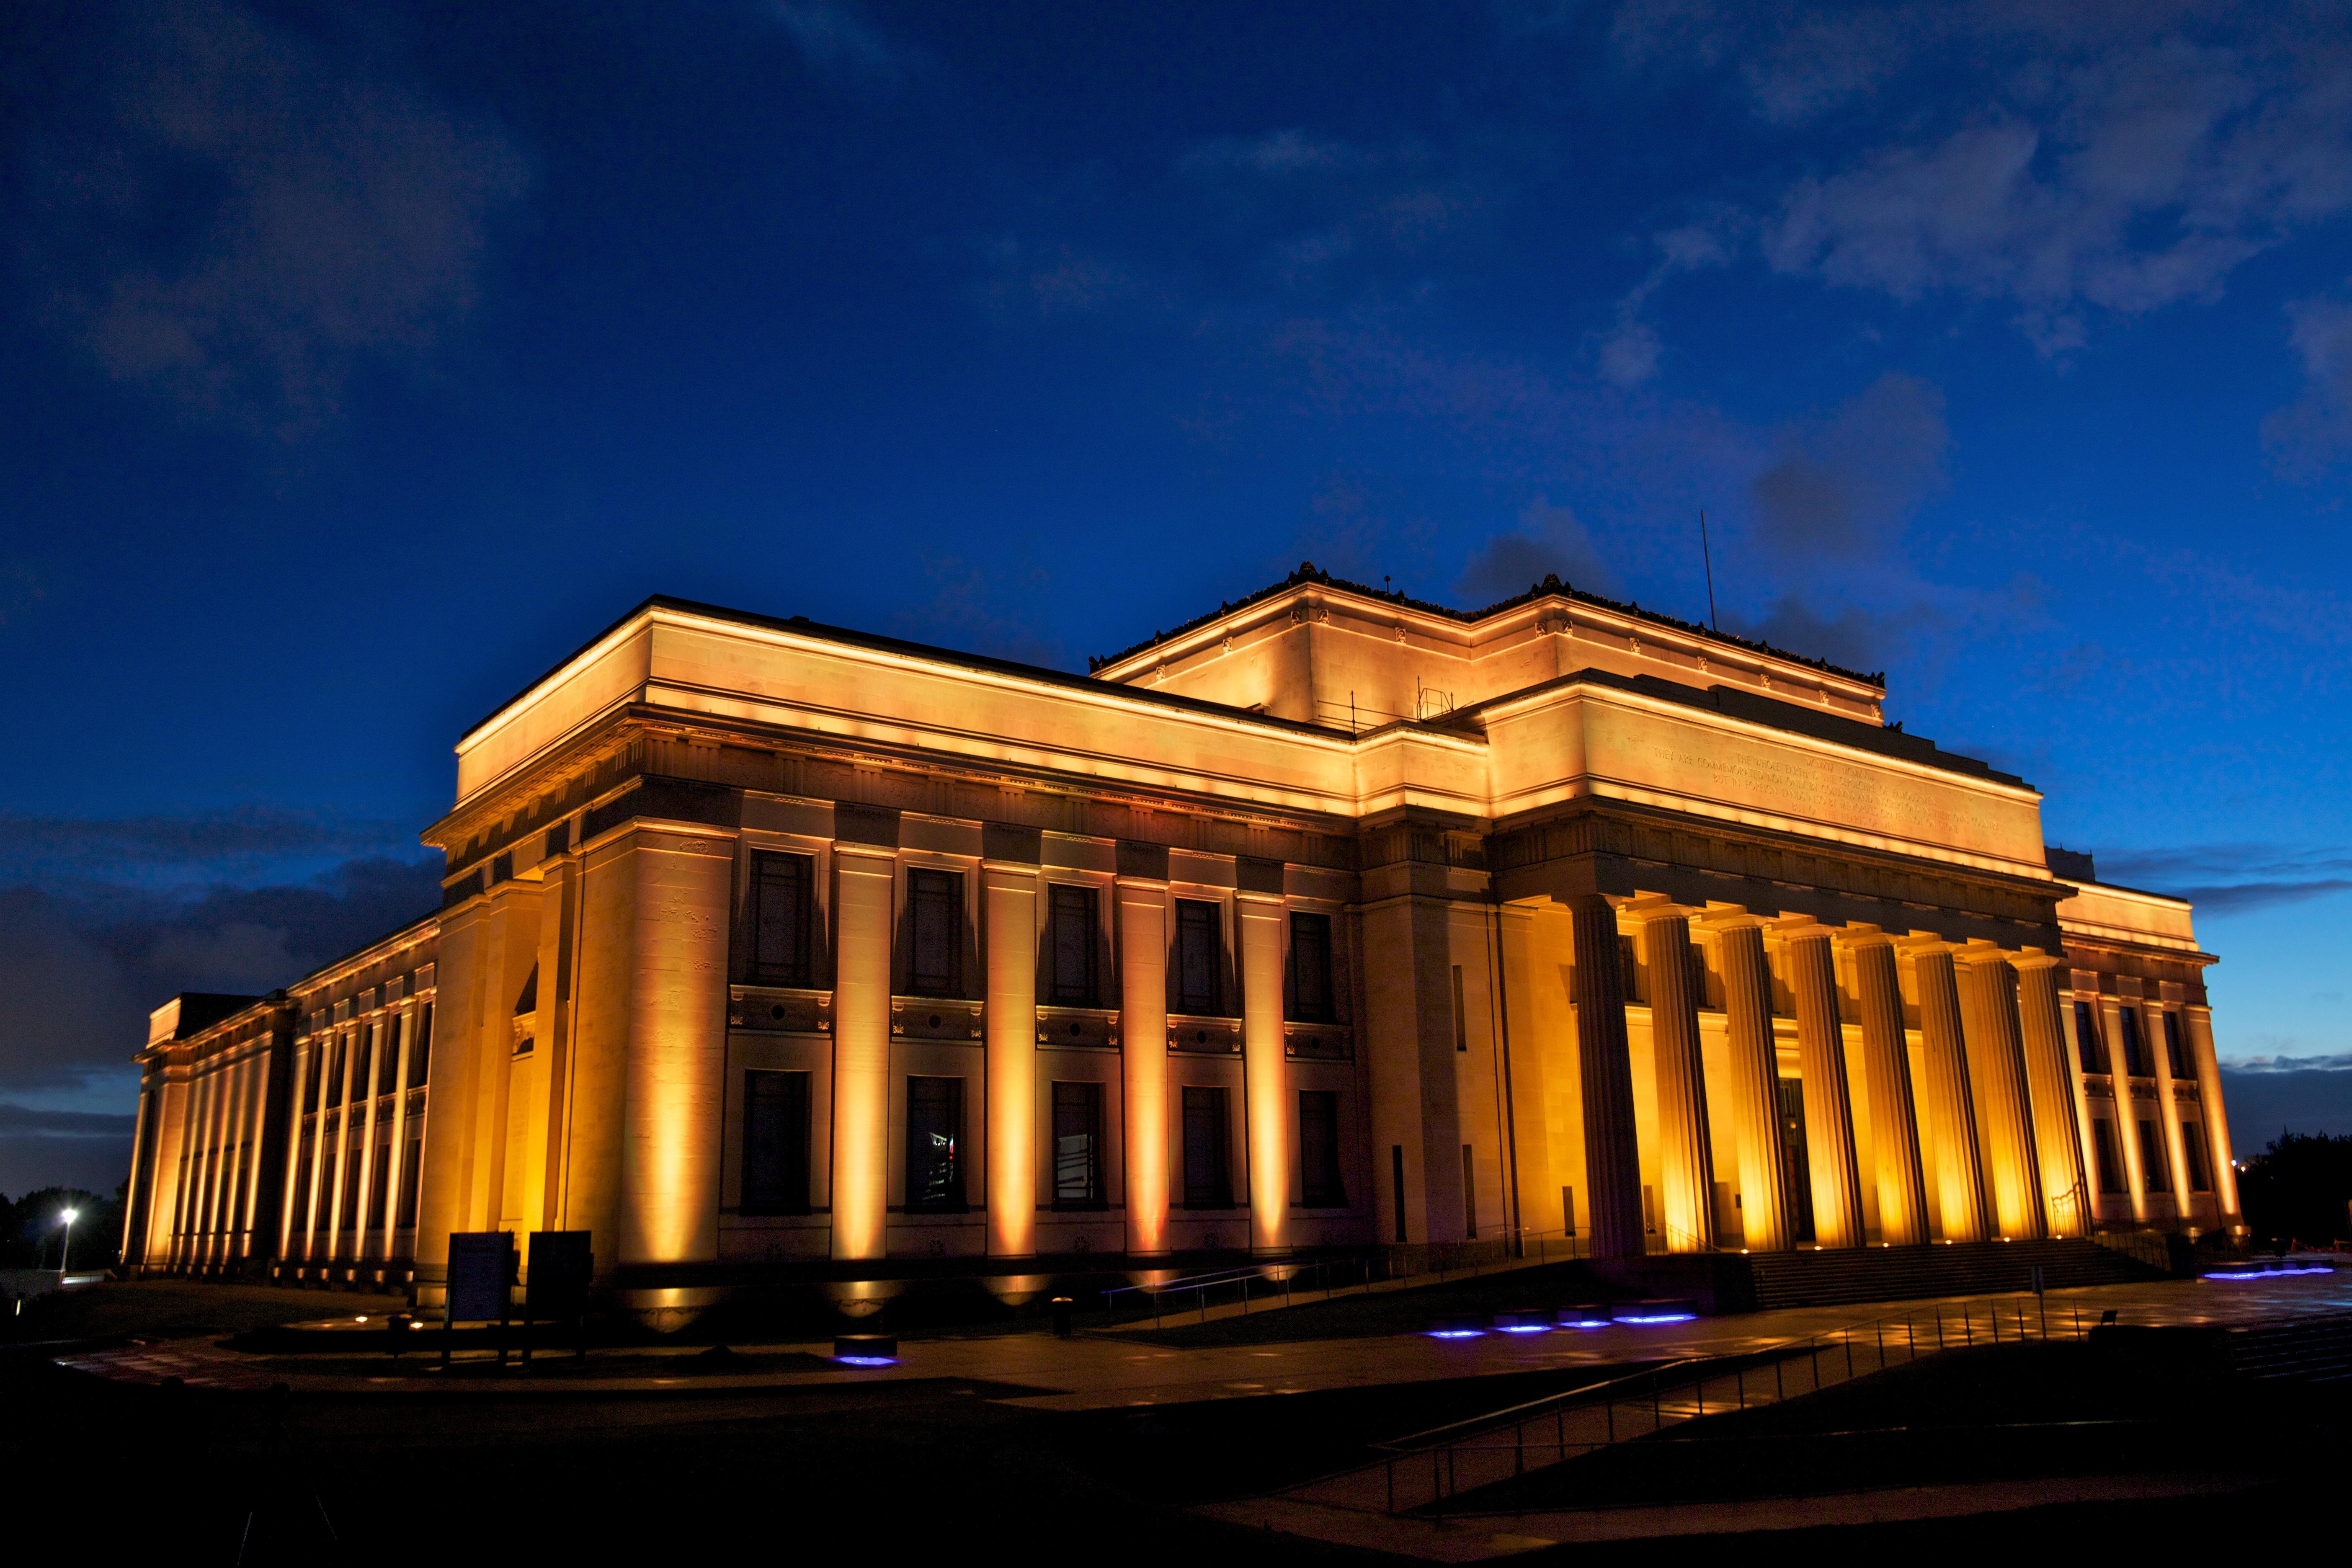 Fachada iluminada do War Memorial Museu, em Auckland, Nova Zelândia